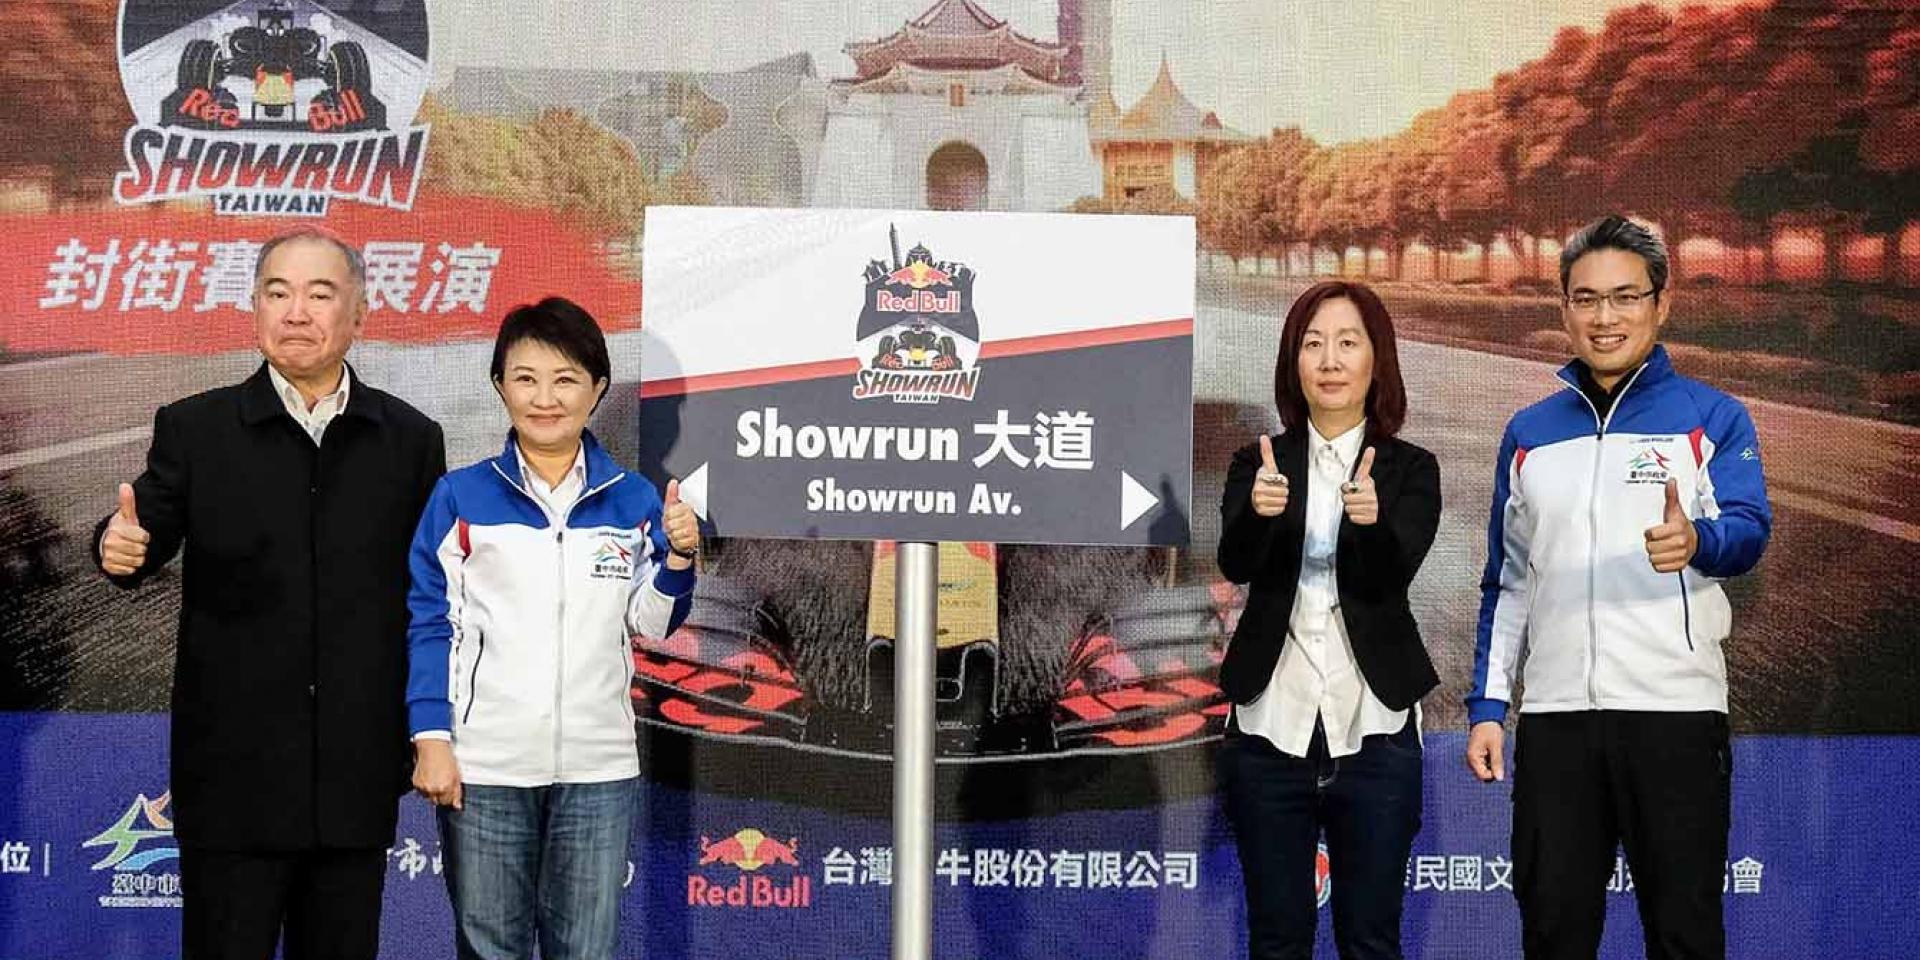 官方新聞稿。2020 RED BULL RACING SHOWRUN 3月臺北、臺中F1盡情飆速 攜手KLOOK於1月21日全面開放售/索票